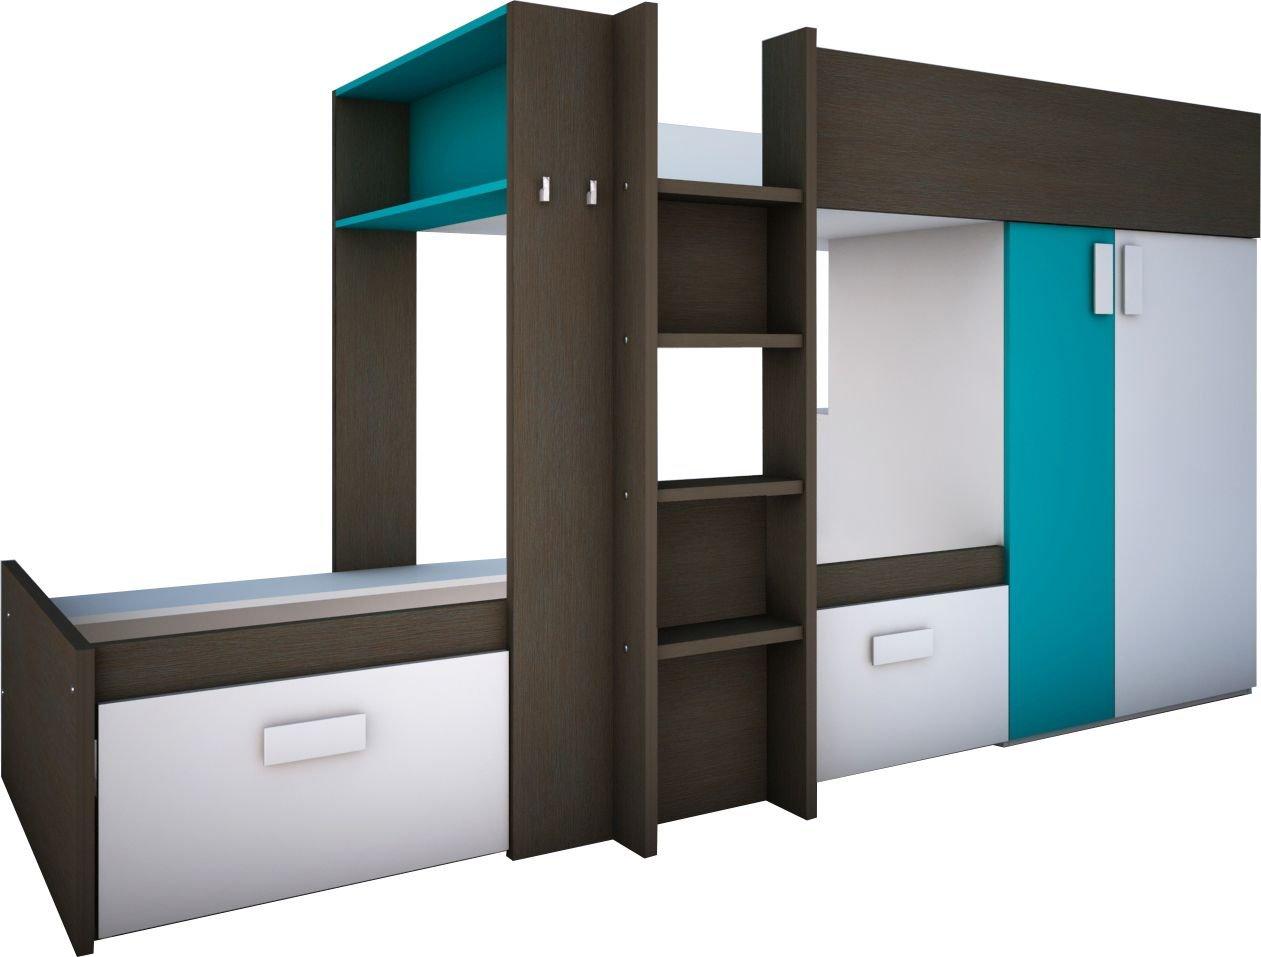 Etagenbett Empfehlung : Trasman 6862 etagenbett melaminharzbeschichtete holzspanplatten